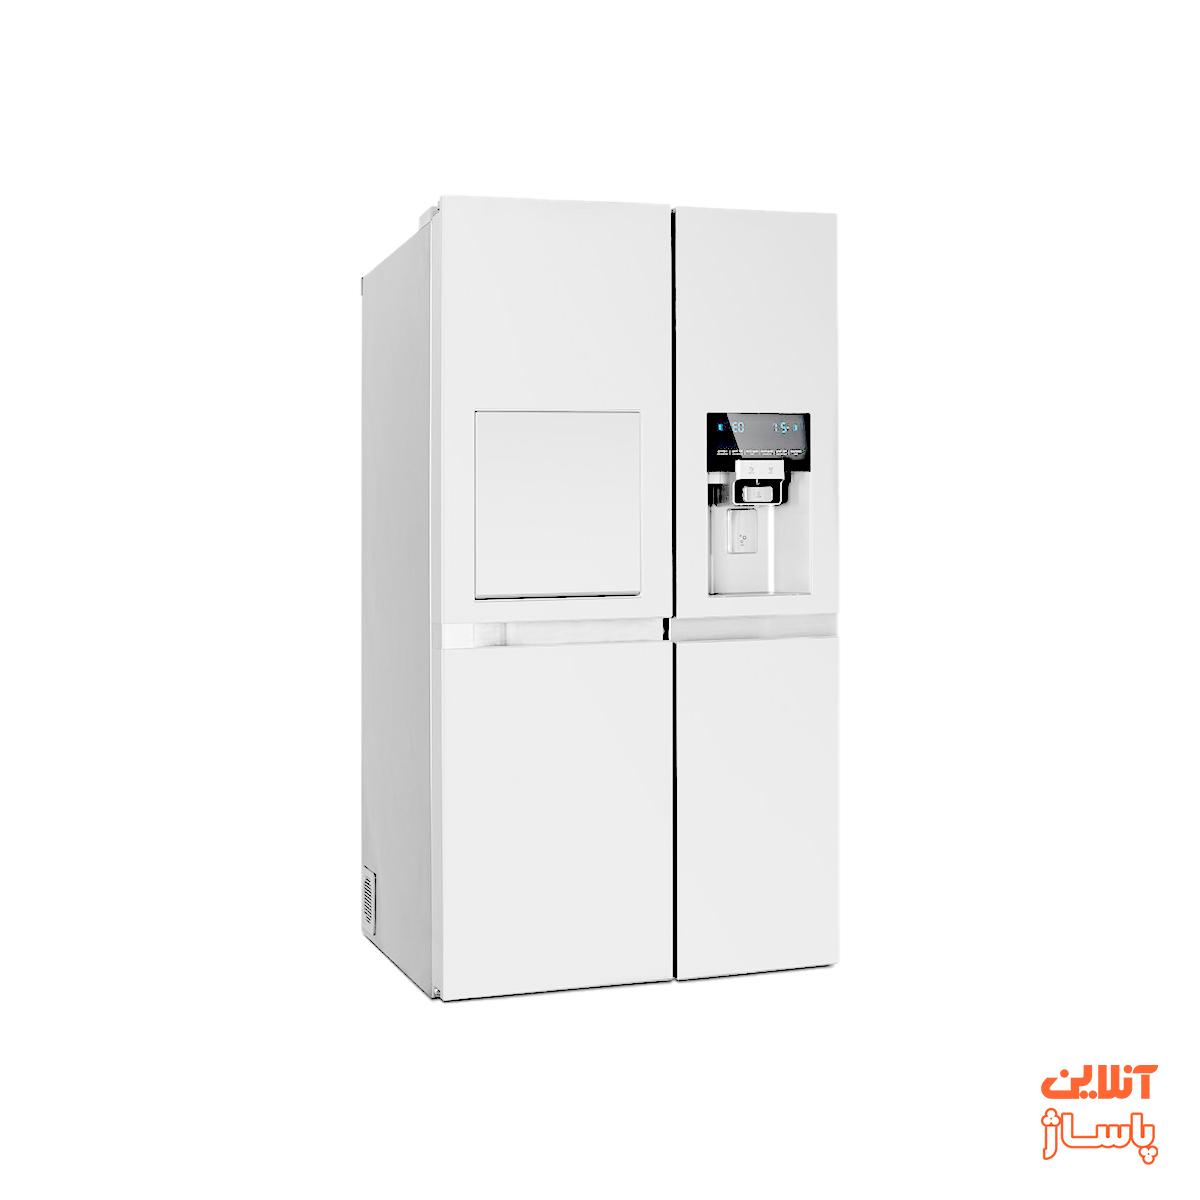 یخچال و فریزر ساید بای ساید دوو سری پرایم مدل D4S-0037MW دو درب